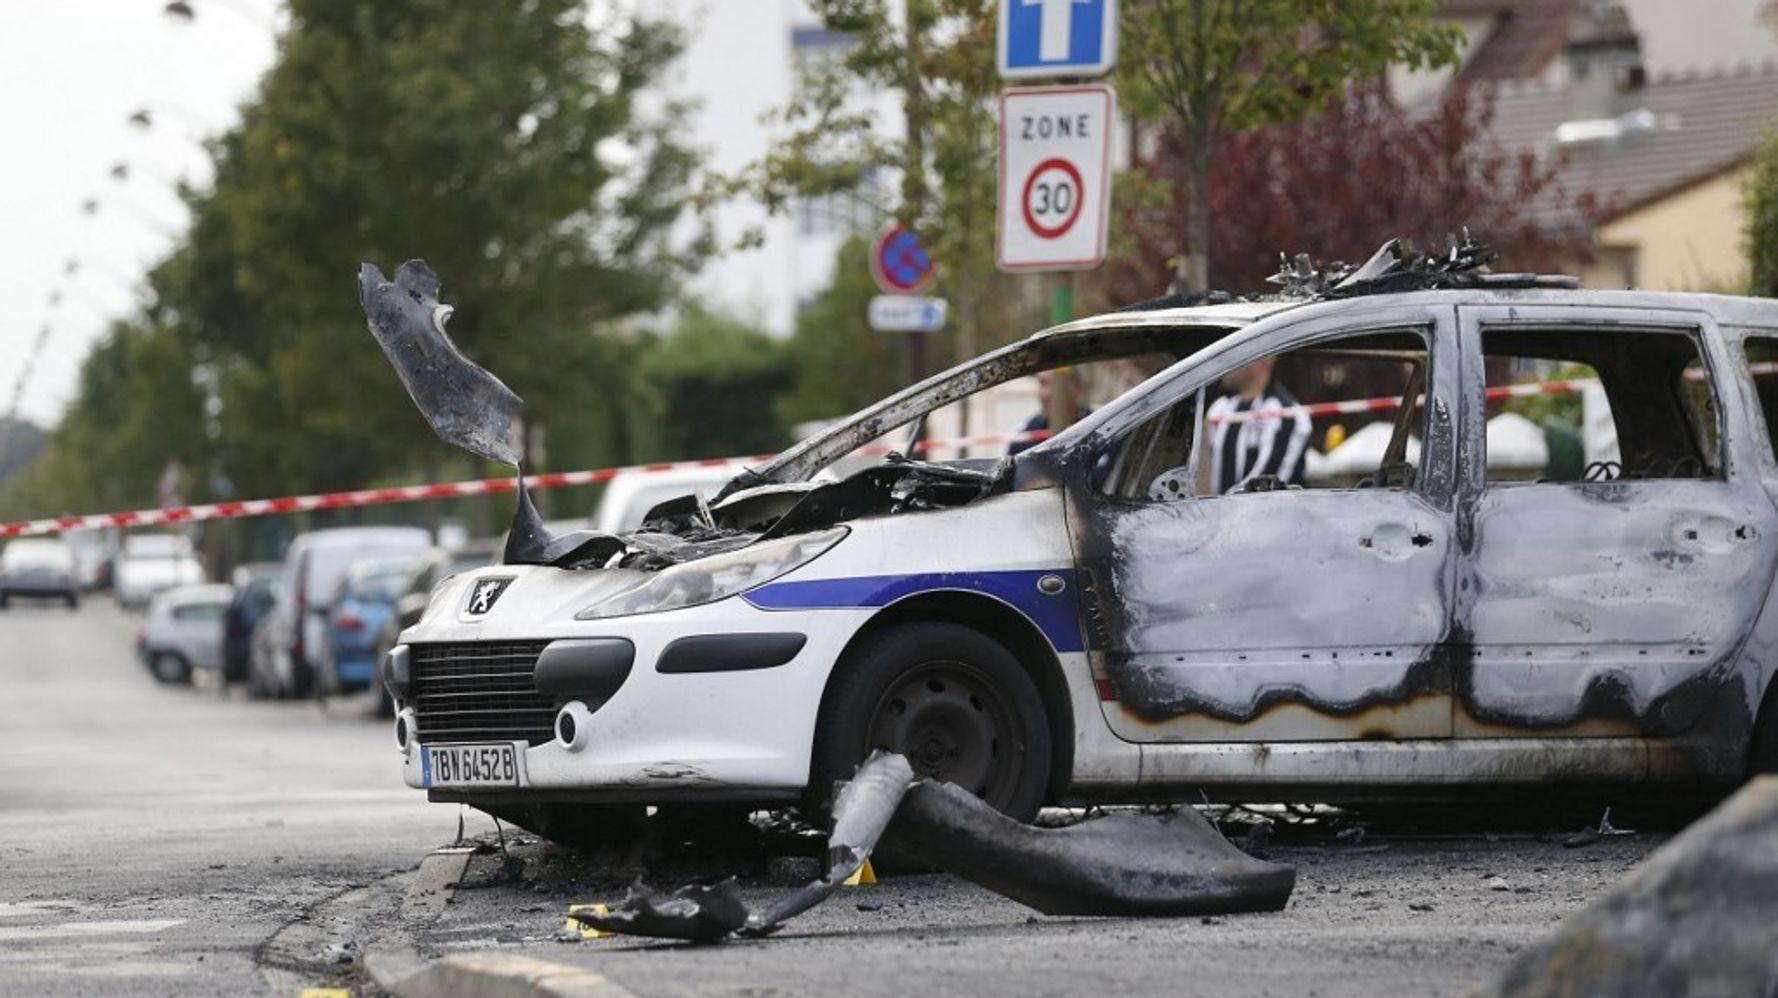 Policiers brûlés: le maire de Viry-Châtillon scandalisé par le verdict